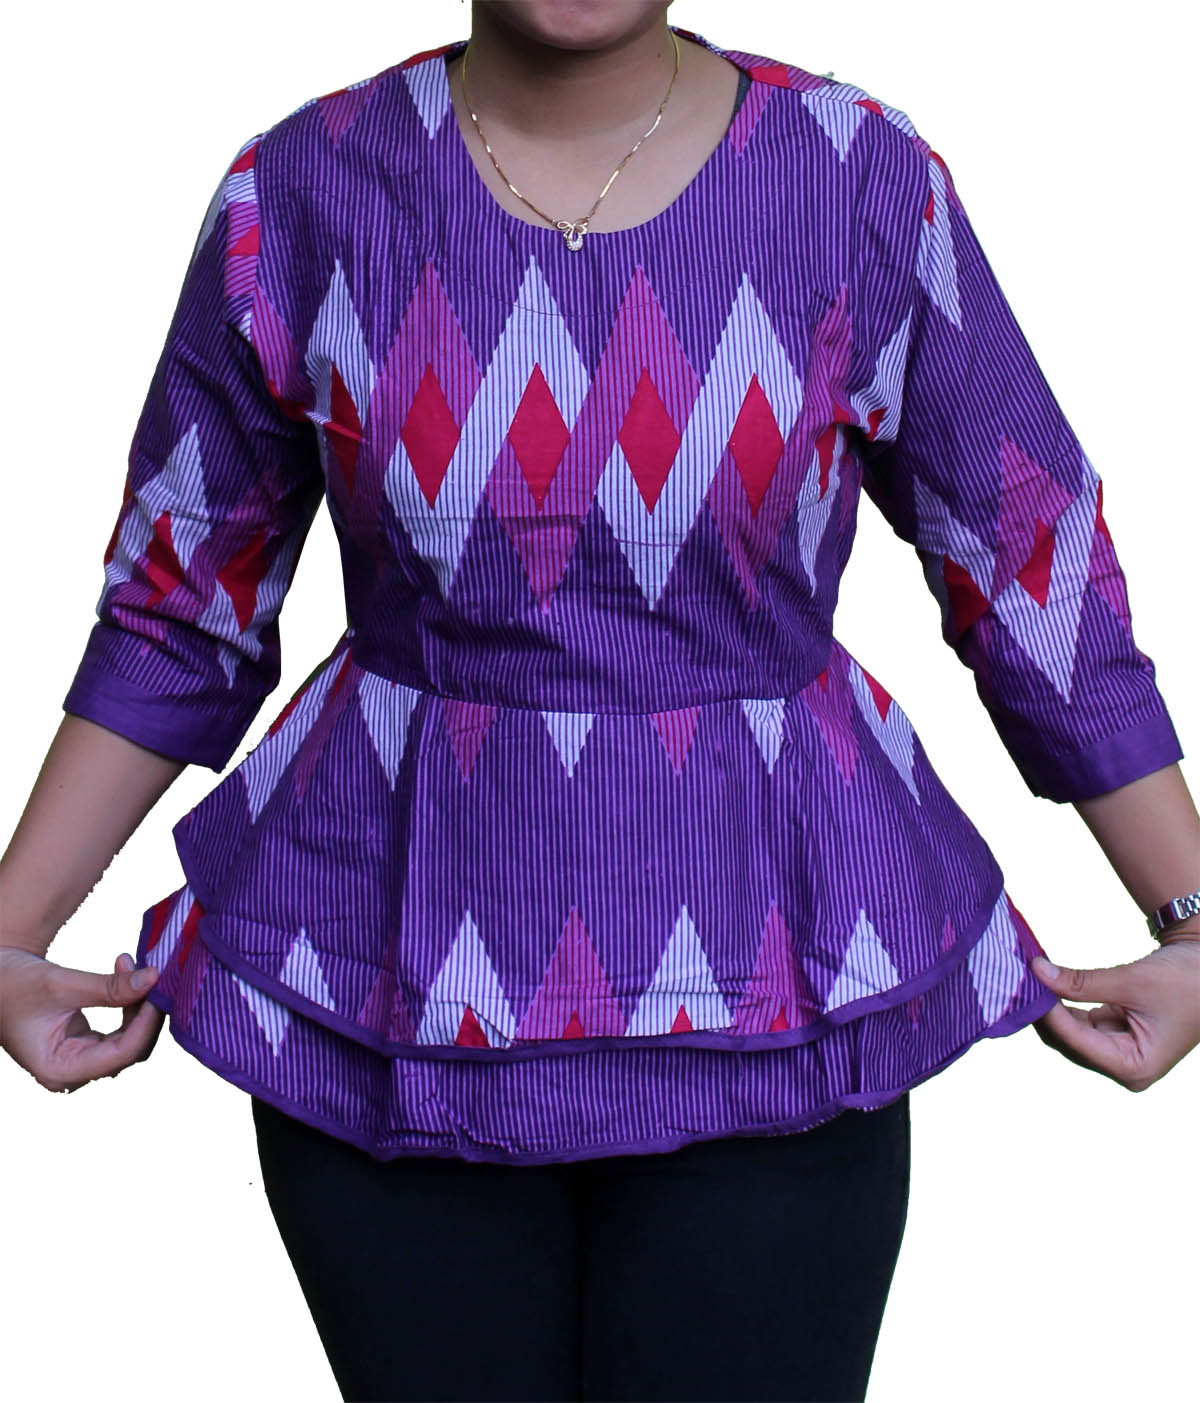 25+ Model Baju Batik Untuk Orang Gemuk Agar Terlihat